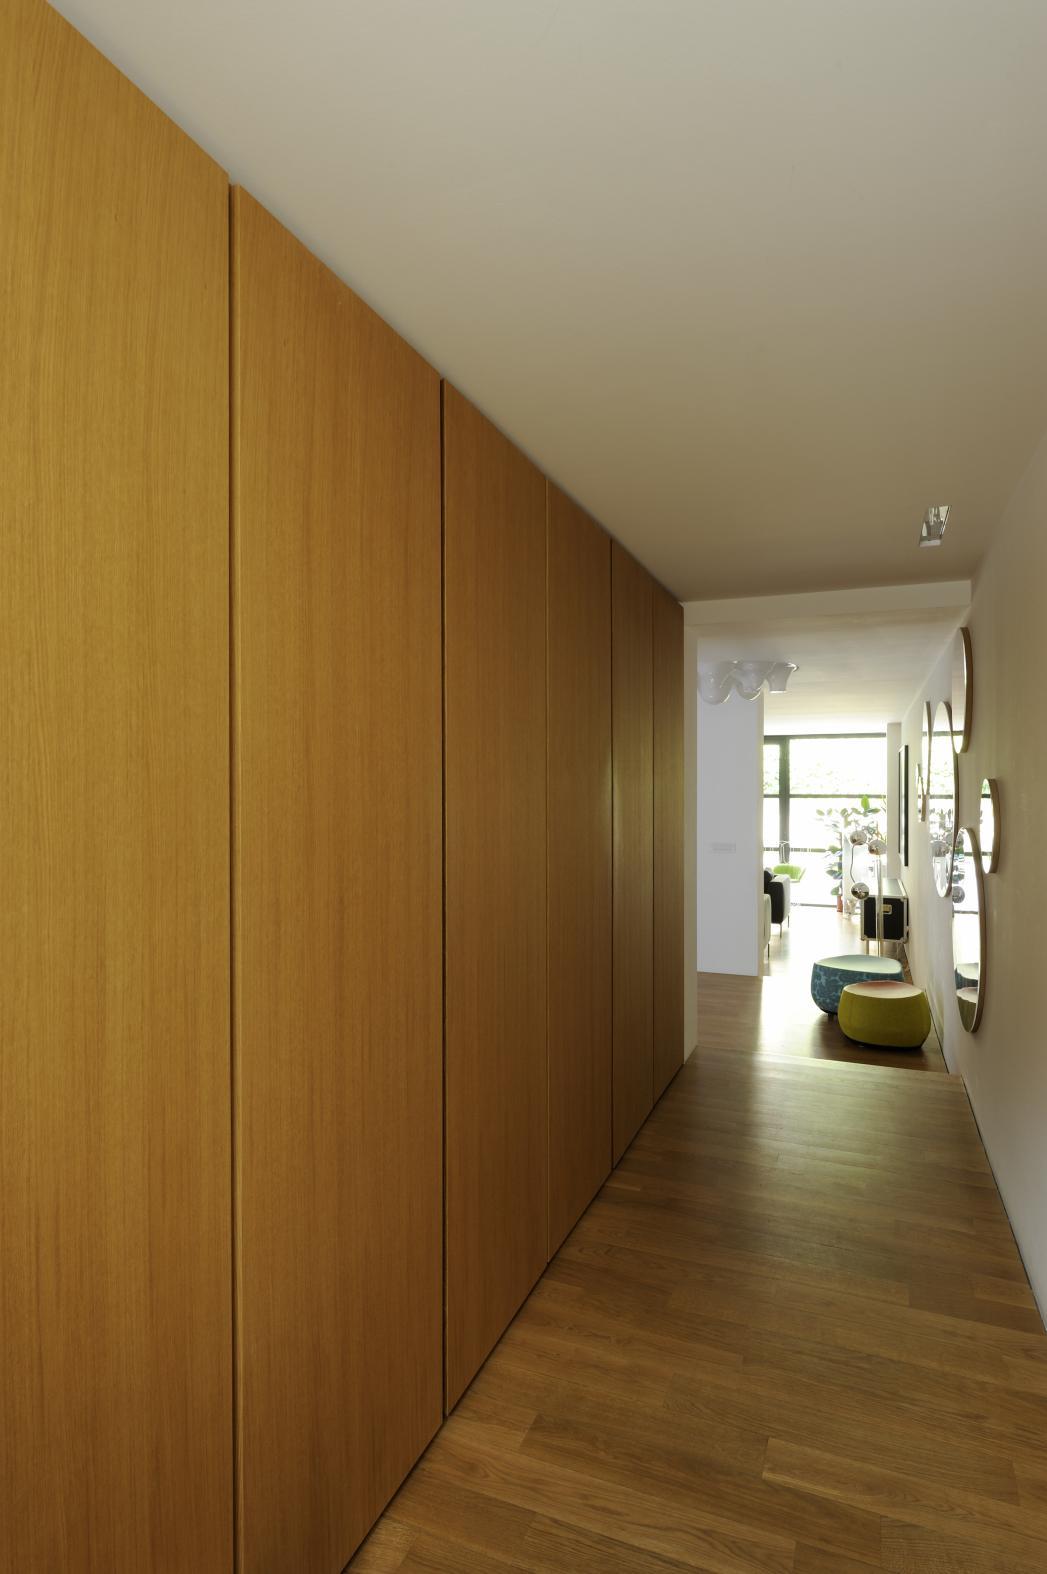 scarmadio su misura design legno trento - bonvecchio.it